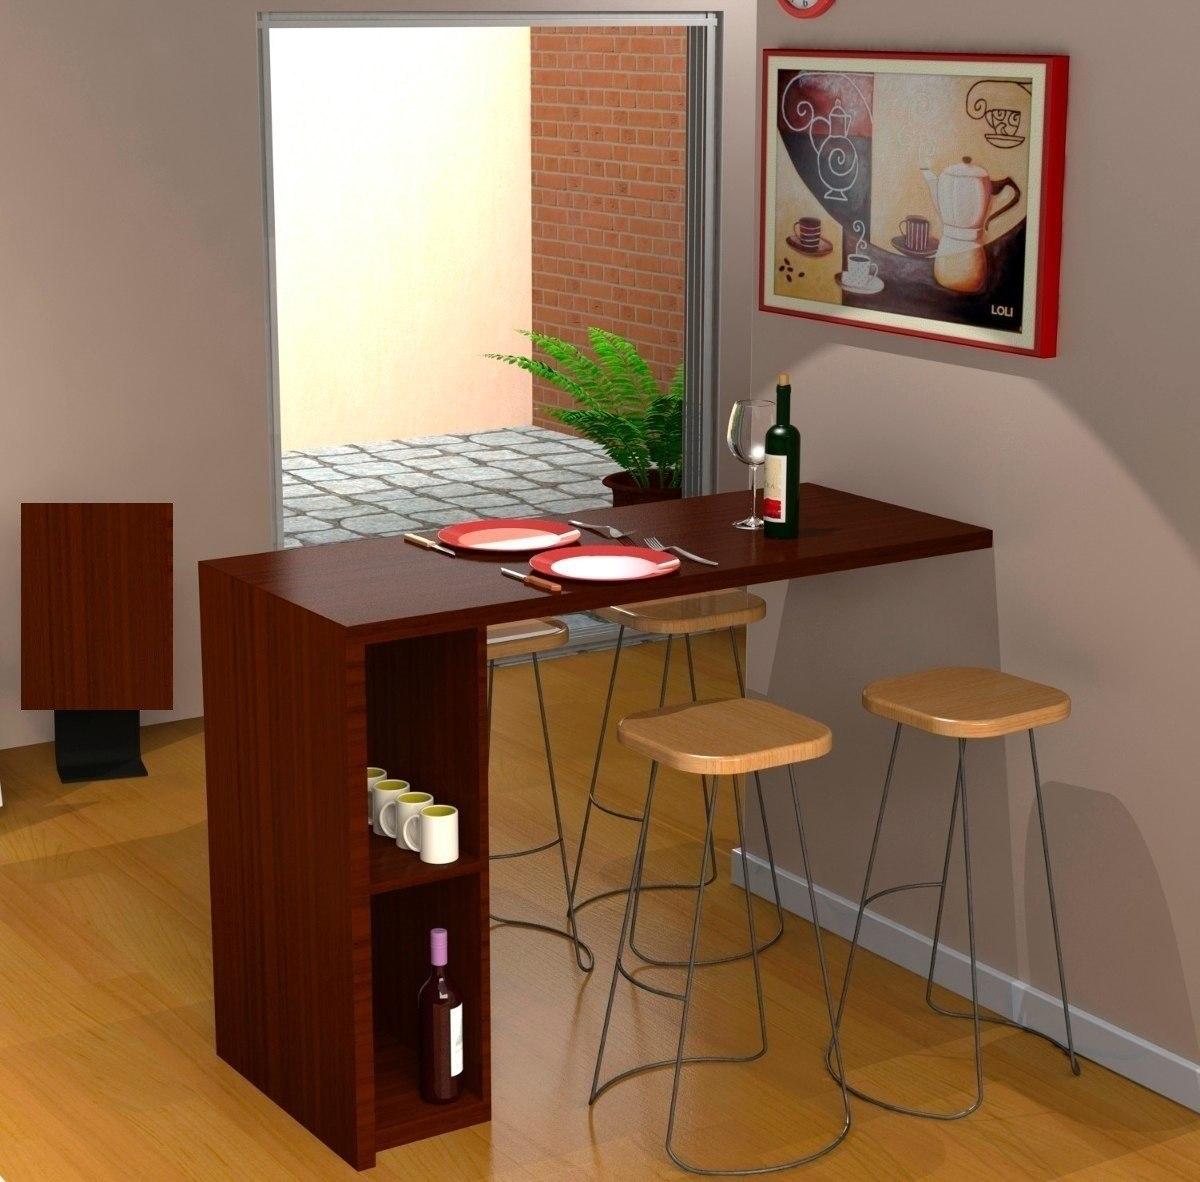 Mesa desayunadora escritorio moderno para cocina oficina for Mesas para oficina precios